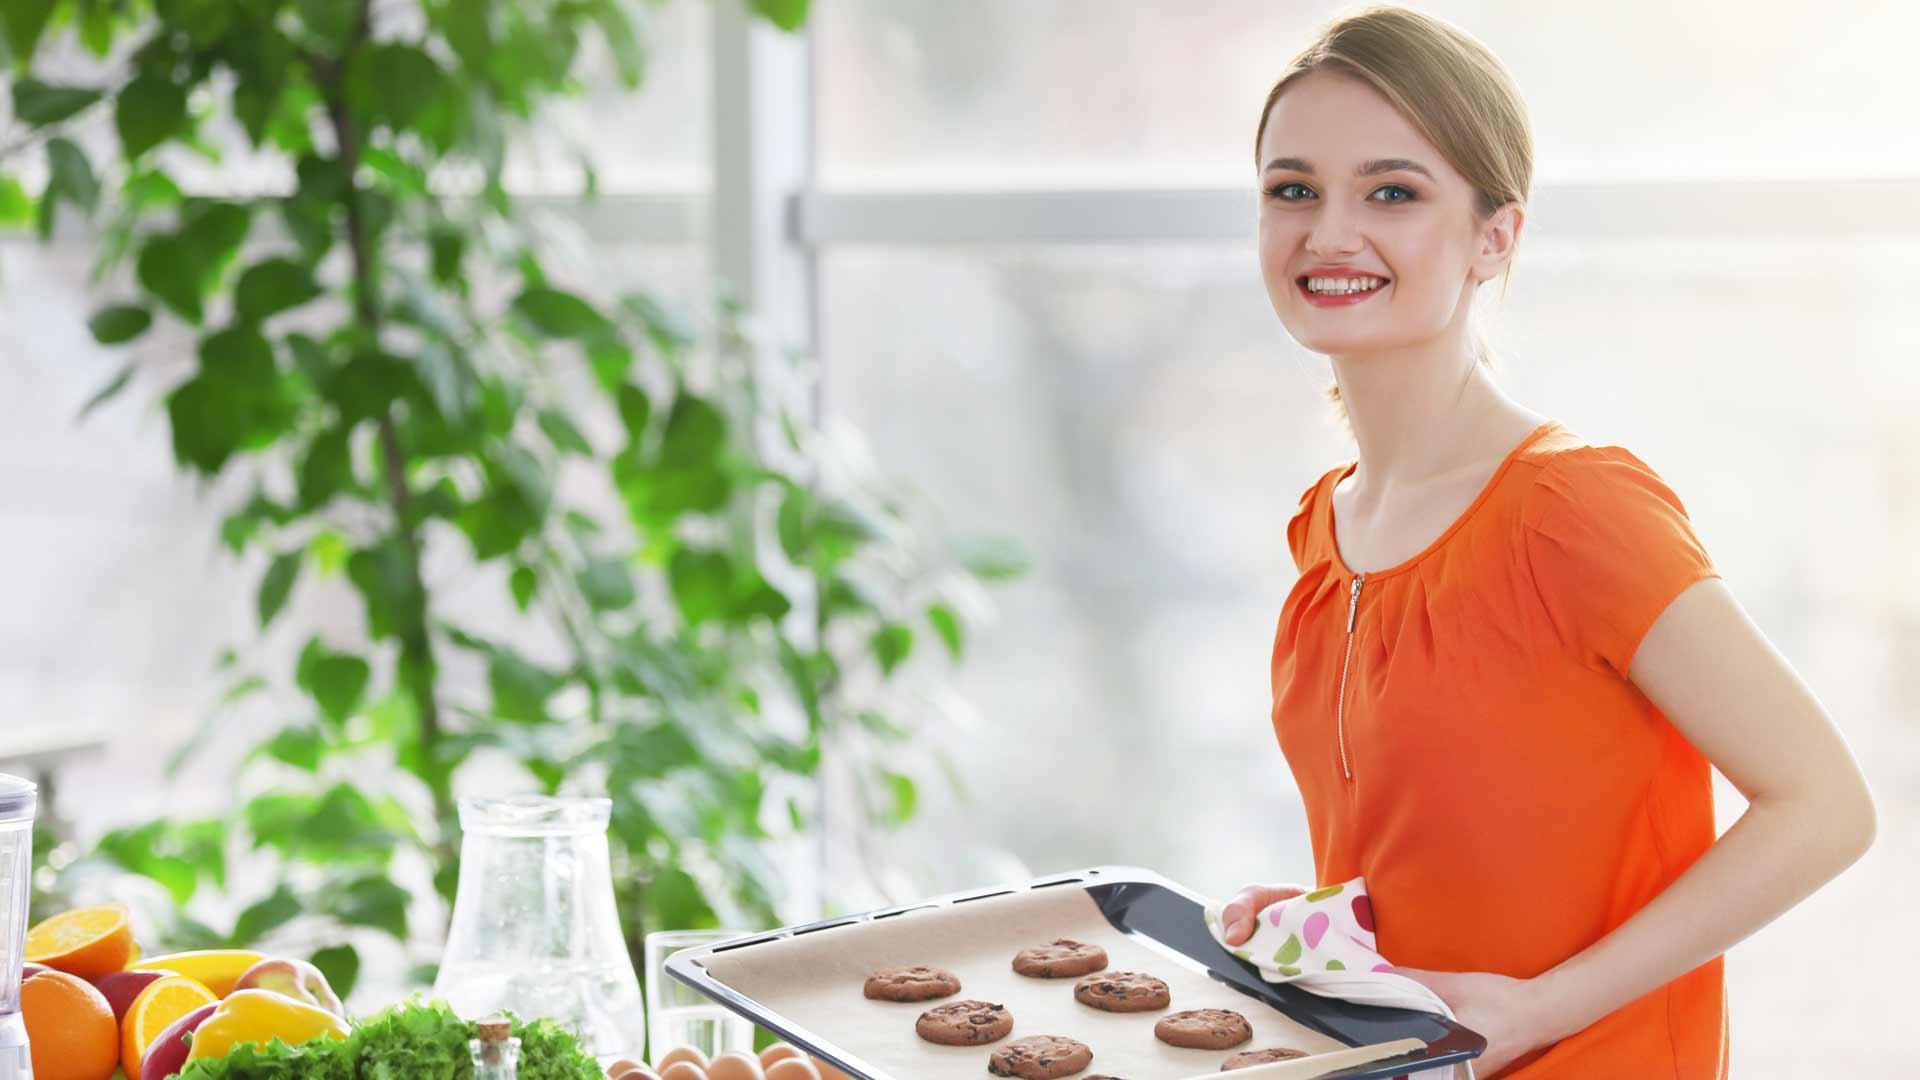 usare olio spalmabile reolì per fare i biscotti in casa